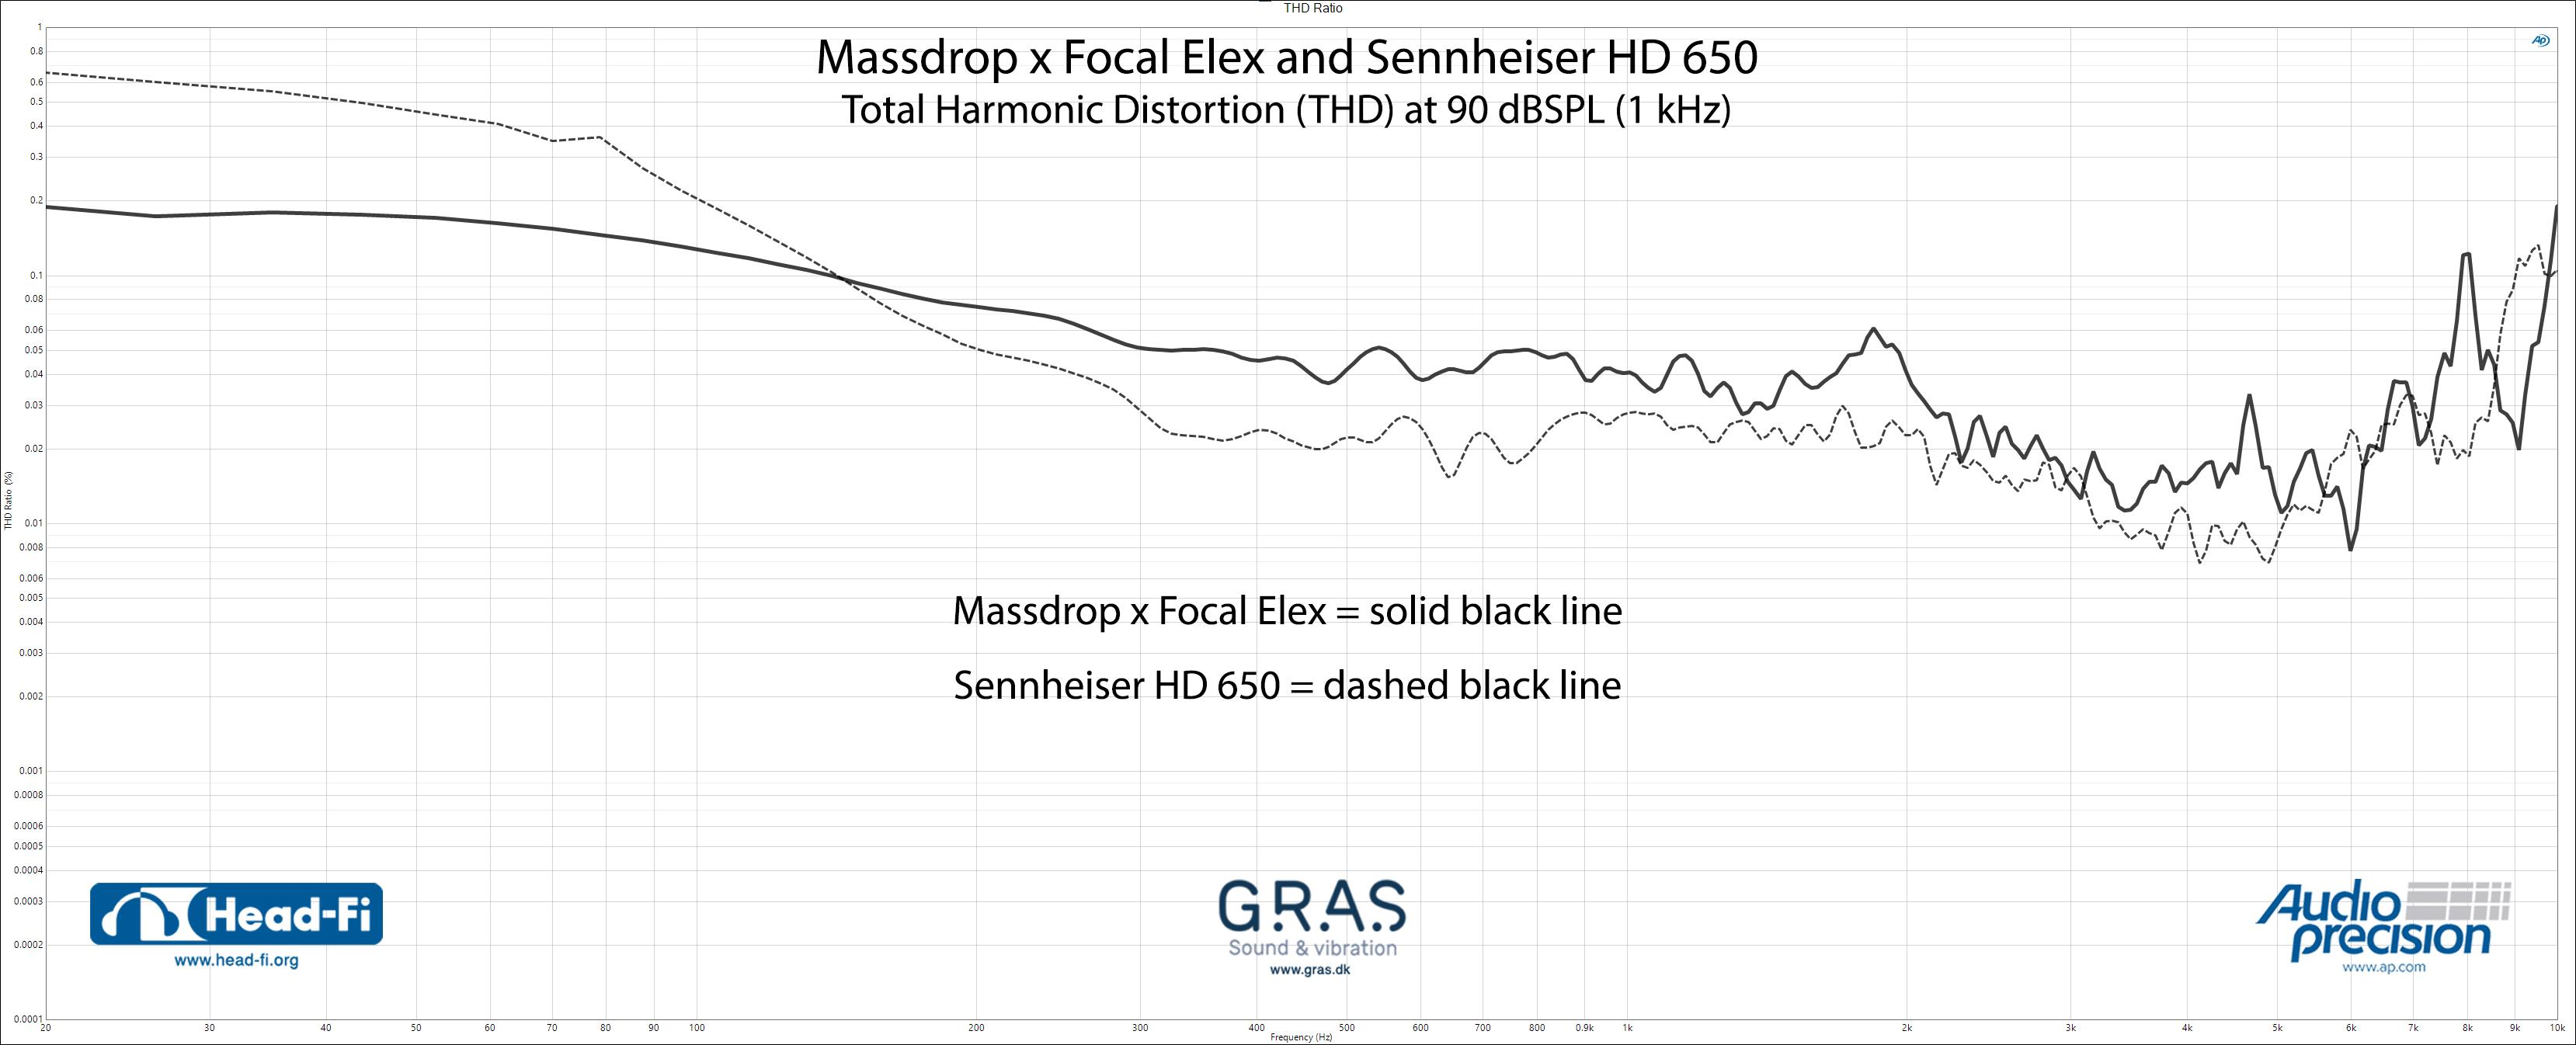 THD-Ratio_Massdrop-x-Focal-Elex_Sennheiser-HD650.jpg